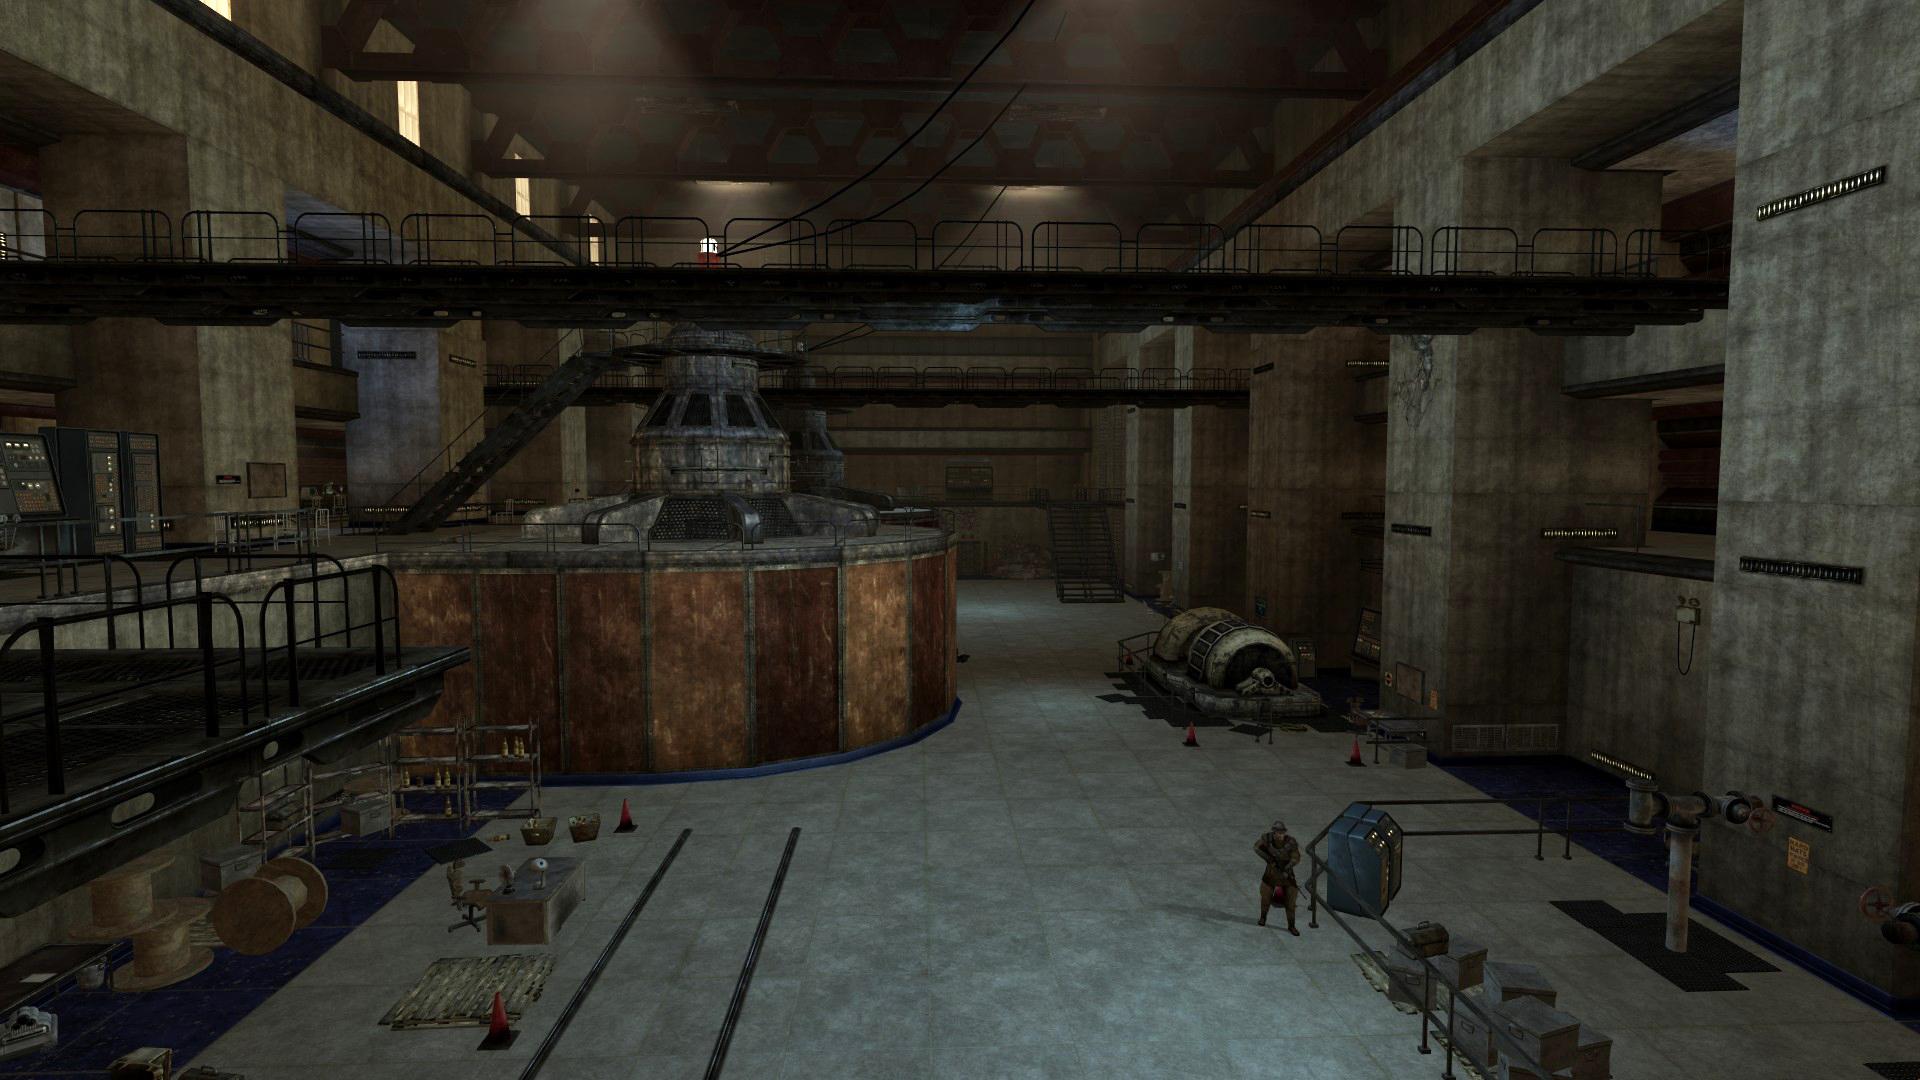 Hoover Dam power plant 01.jpg